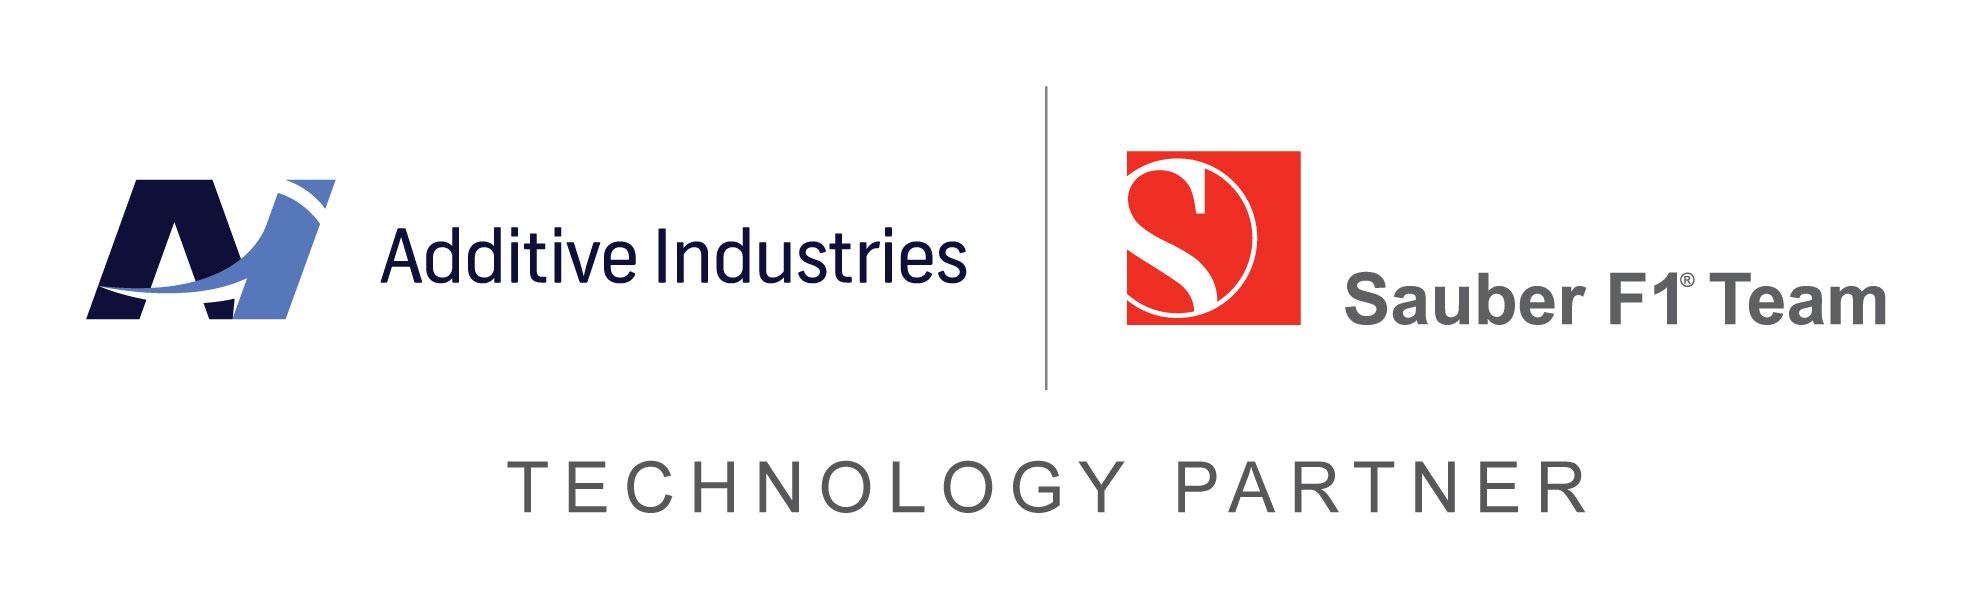 labellingelement-additiveindustries-designation.jpg